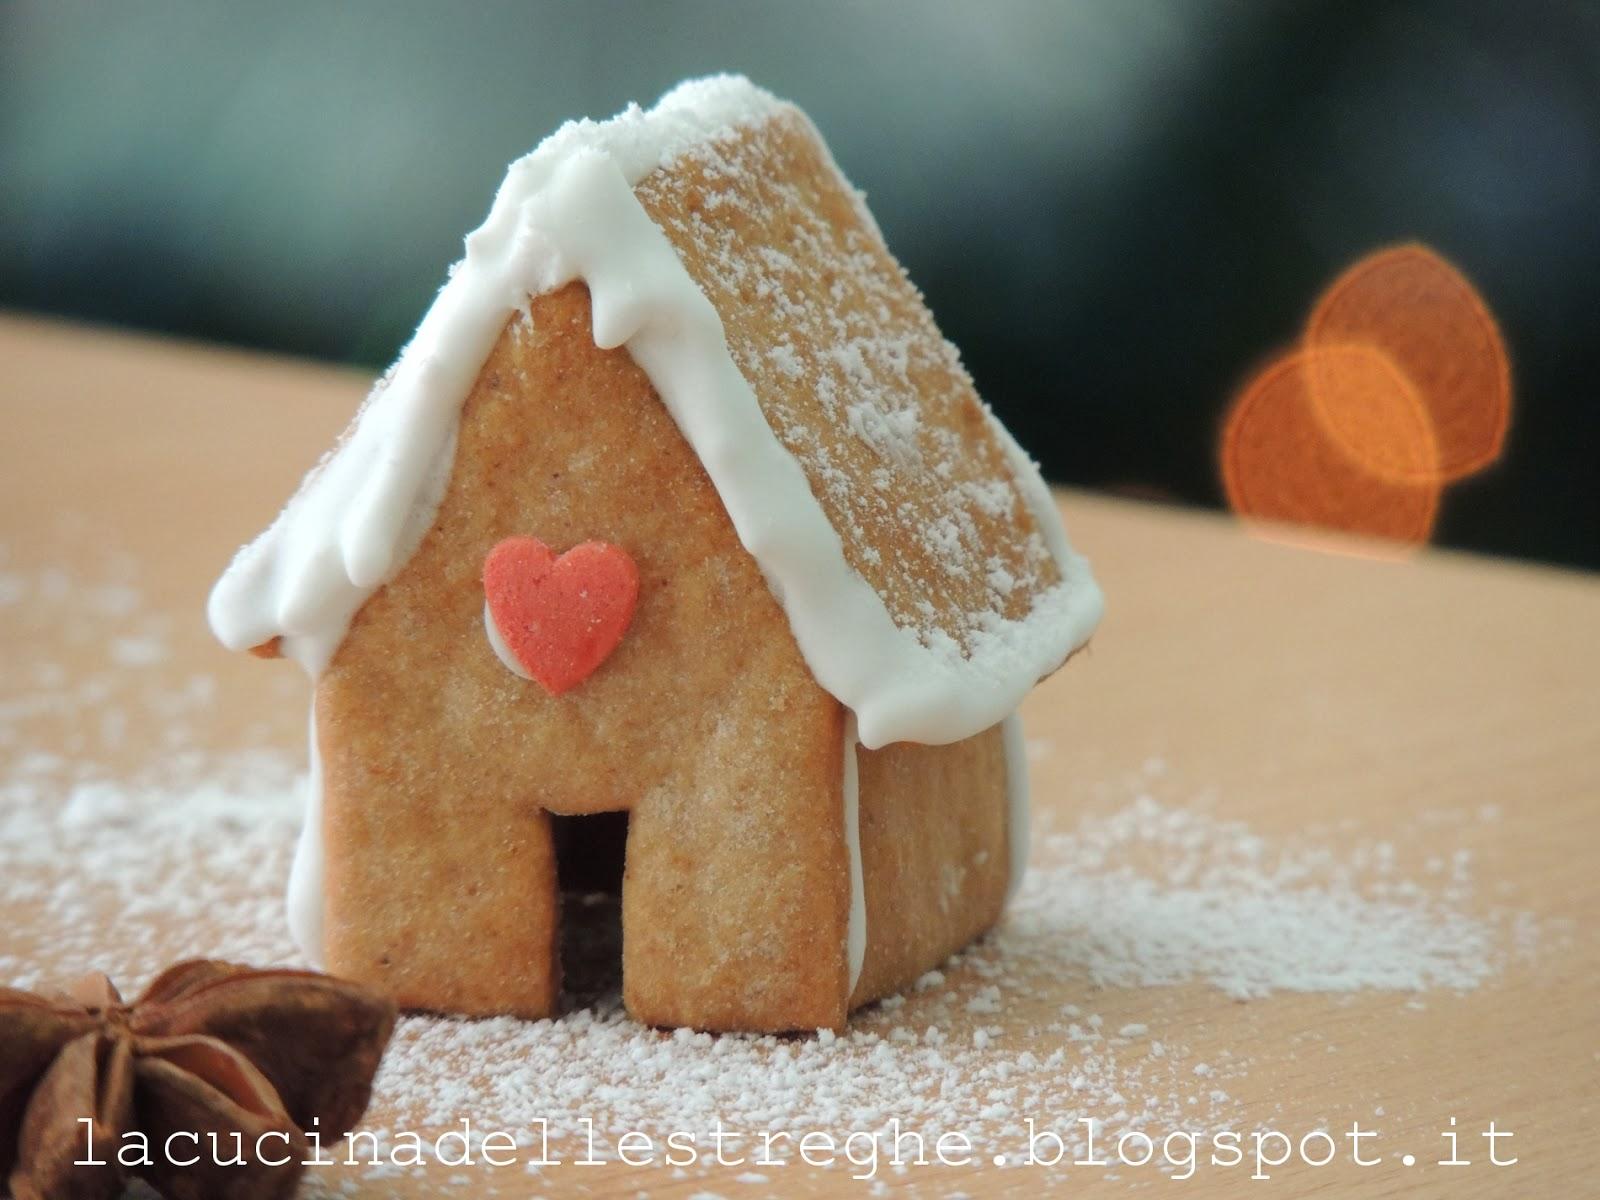 Casetta Di Natale Con Biscotti : La cucina delle streghe mini gingerbread house e biscotti di natale